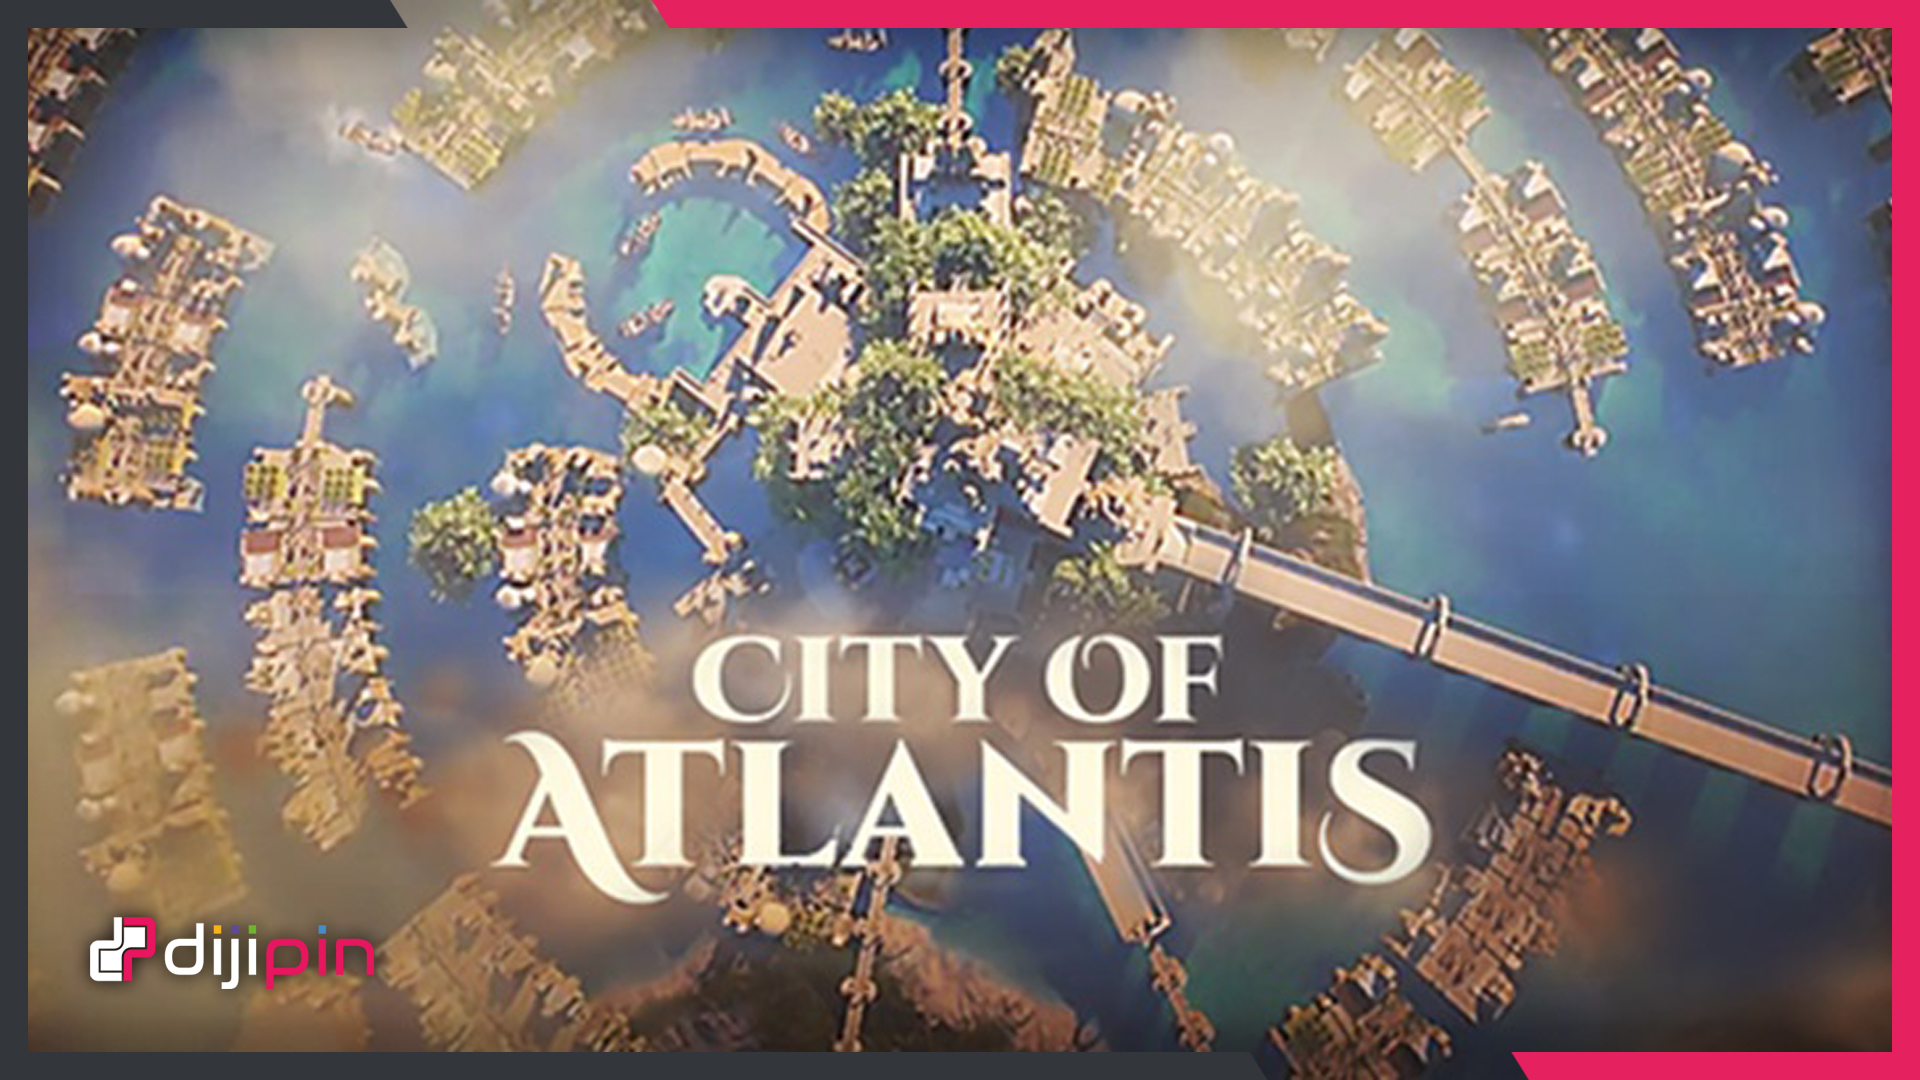 İzometrik Şehir İnşa Etme Oyunu Duyuruldu: City of Atlantis!